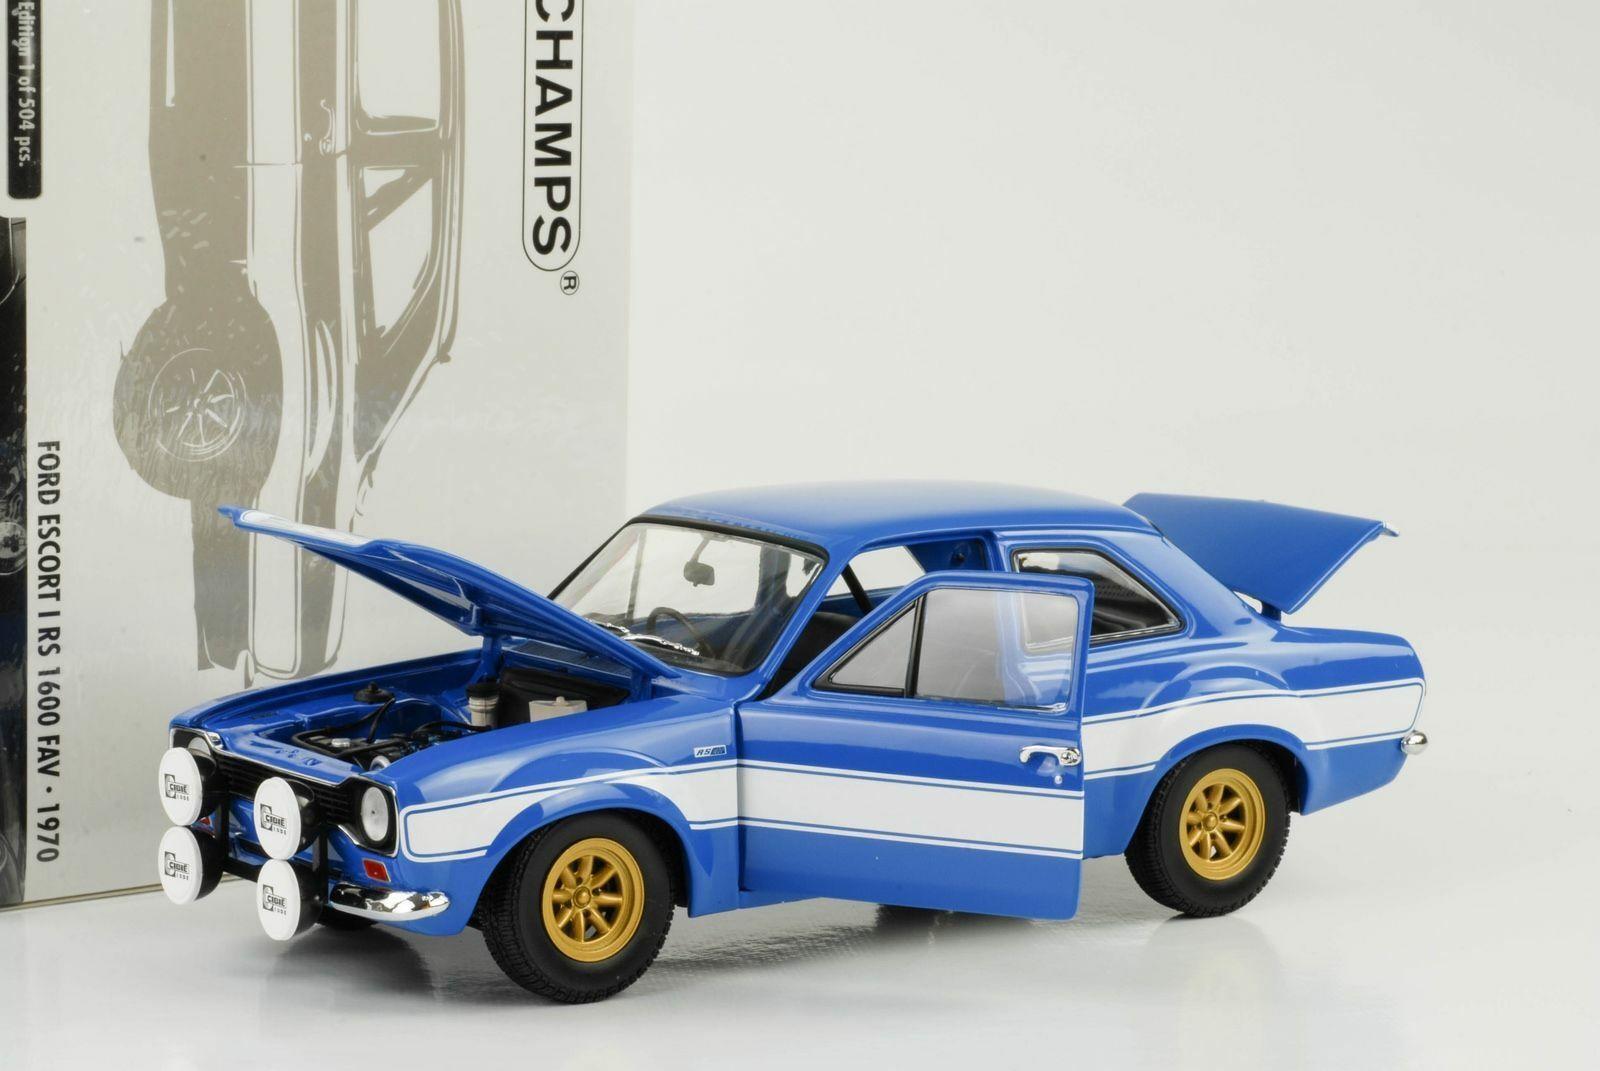 minorista de fitness FORD ESCORT I RS 1600 FAV 1970 azul blanco blanco blanco MINICHAMPS 100688102 1 18 FAST FURIOUS  Todo en alta calidad y bajo precio.